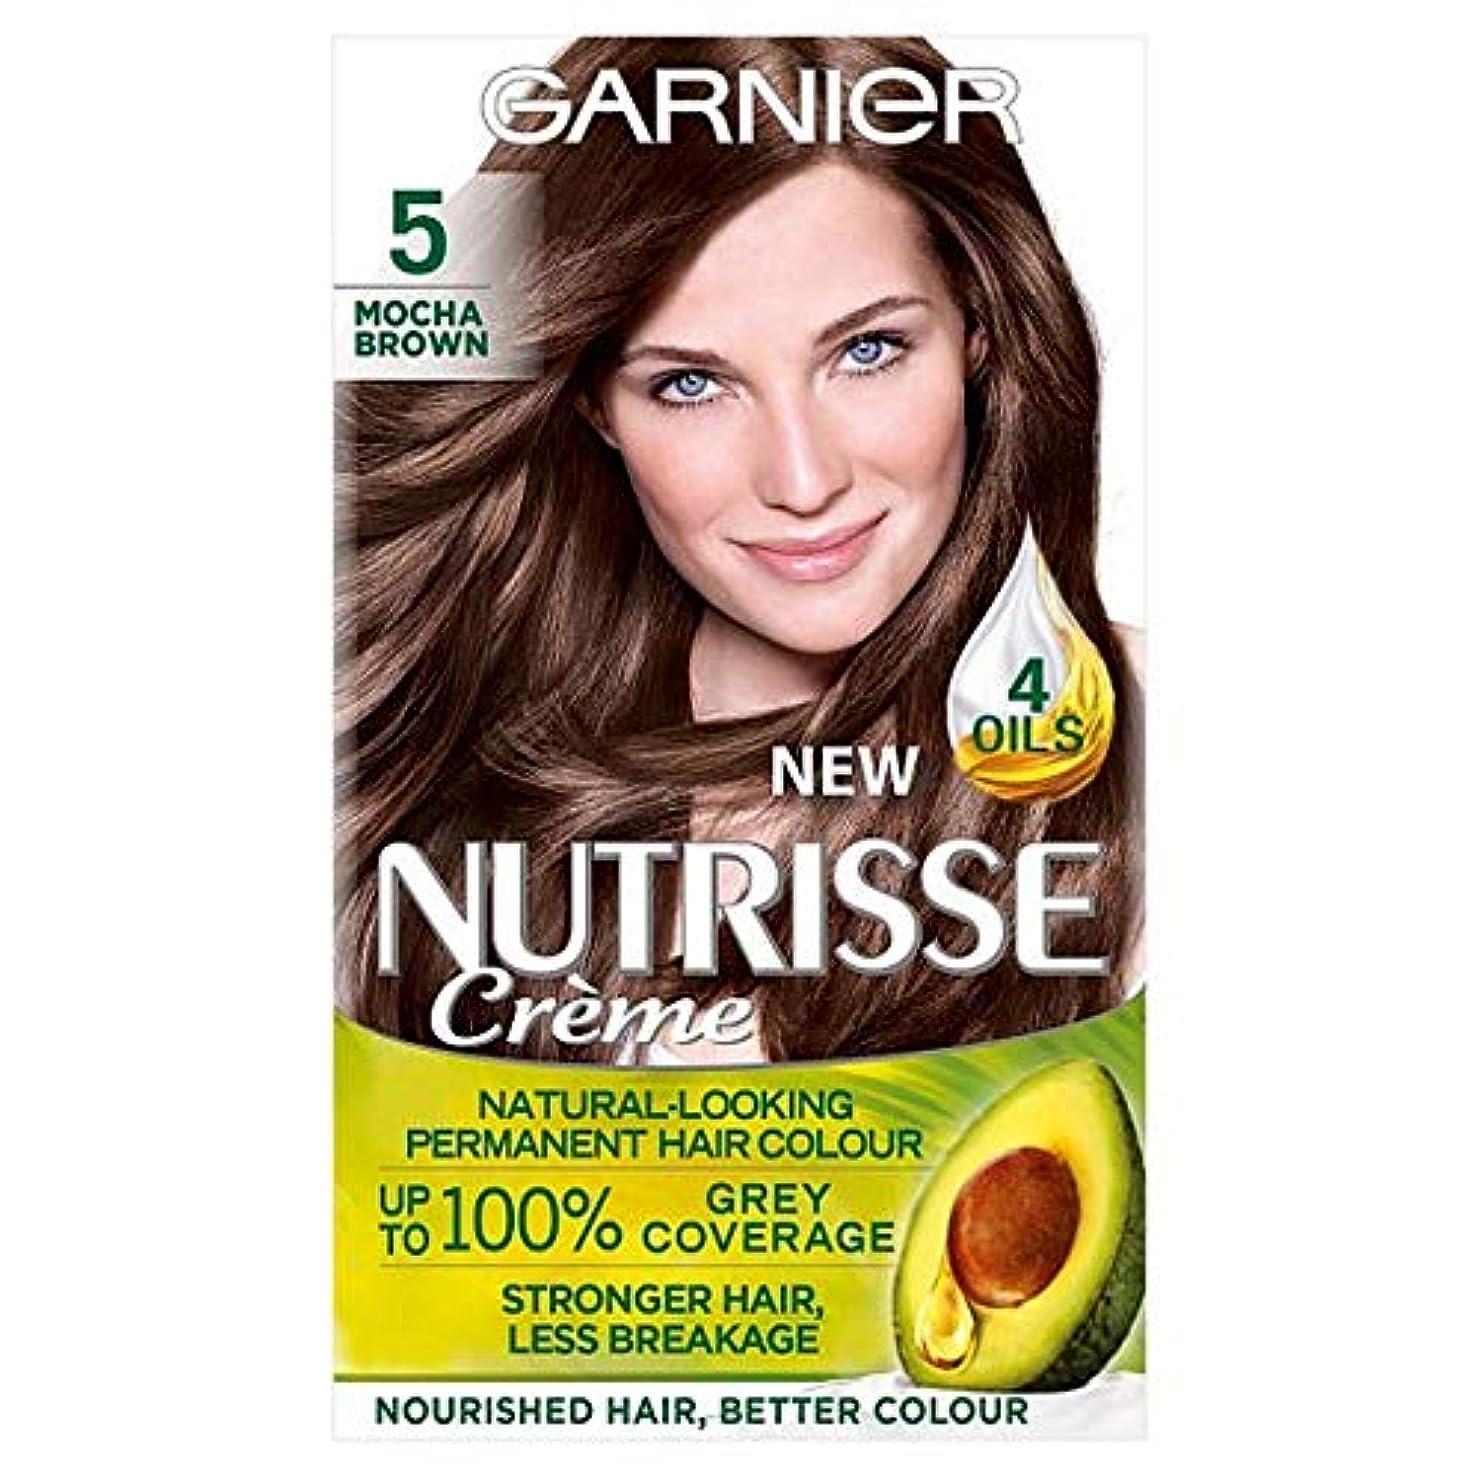 早く疑わしい午後[Nutrisse] 5茶色の永久染毛剤Nutrisseガルニエ - Garnier Nutrisse 5 Brown Permanent Hair Dye [並行輸入品]